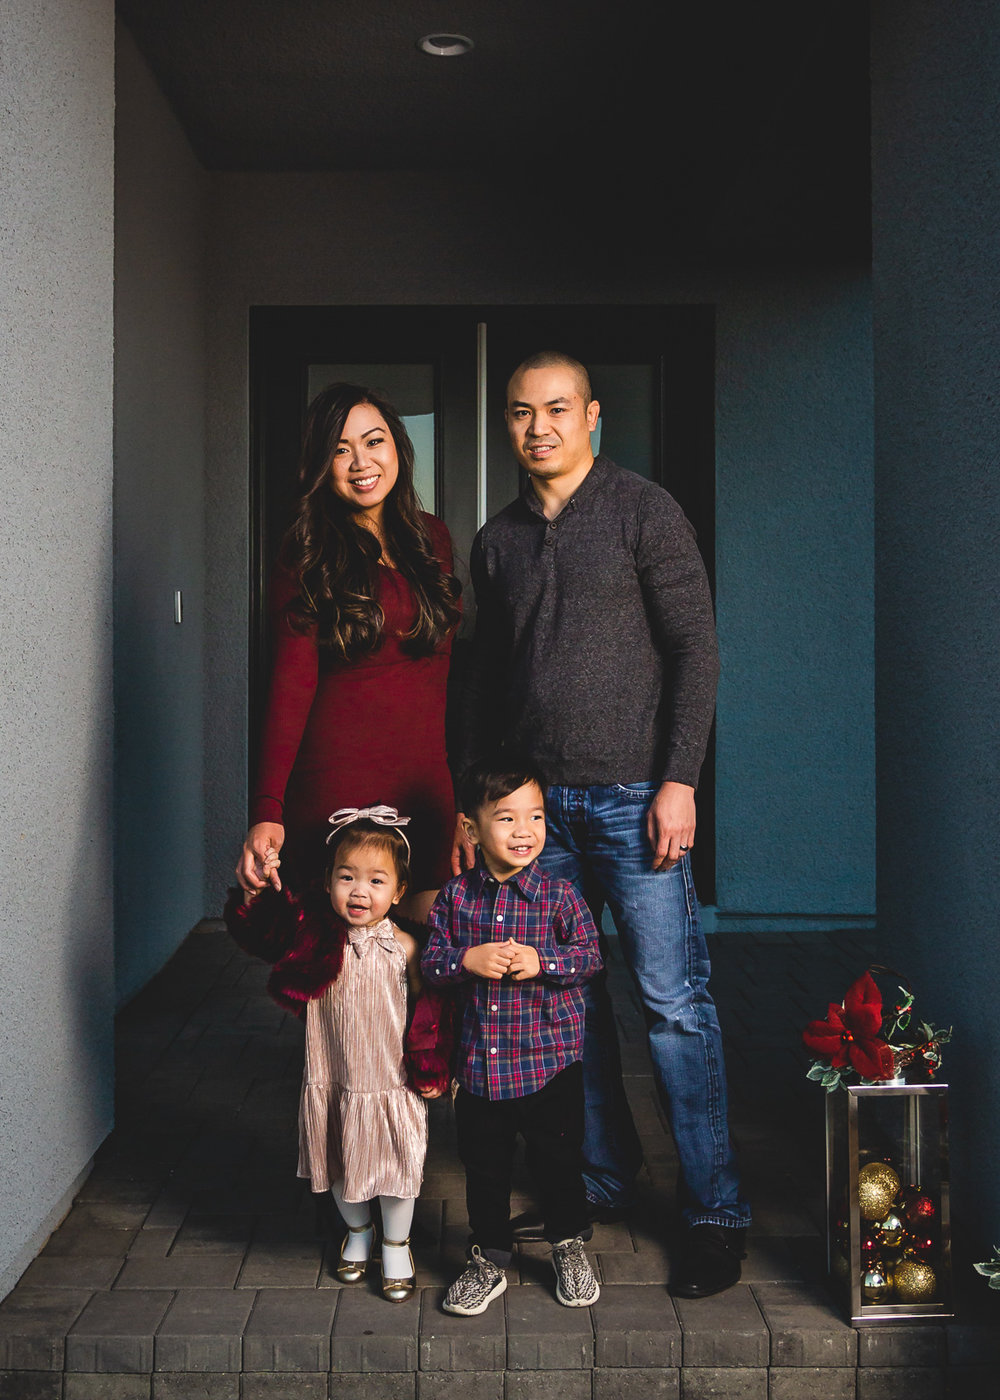 Le-Family-2018-2.jpg